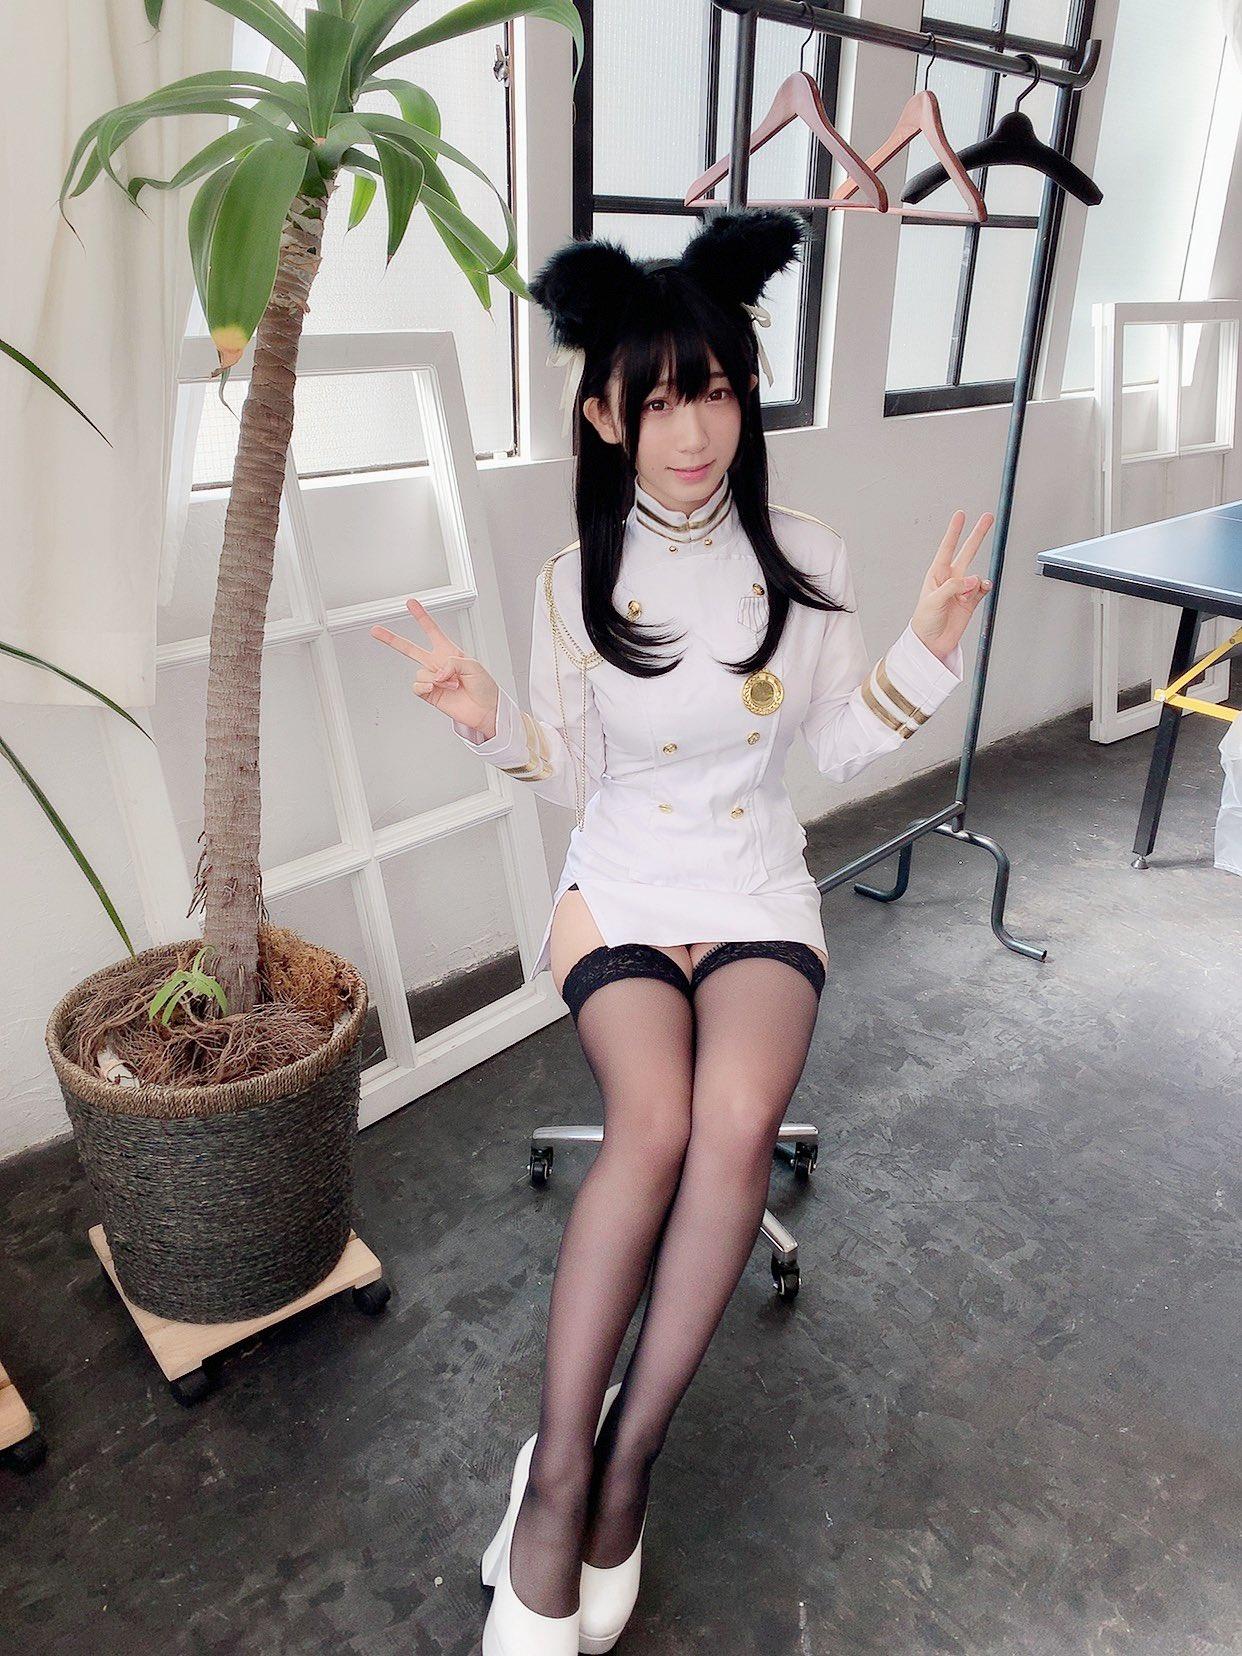 日本美女伊织萌Cos莱莎美图 那双大长腿太迷人了